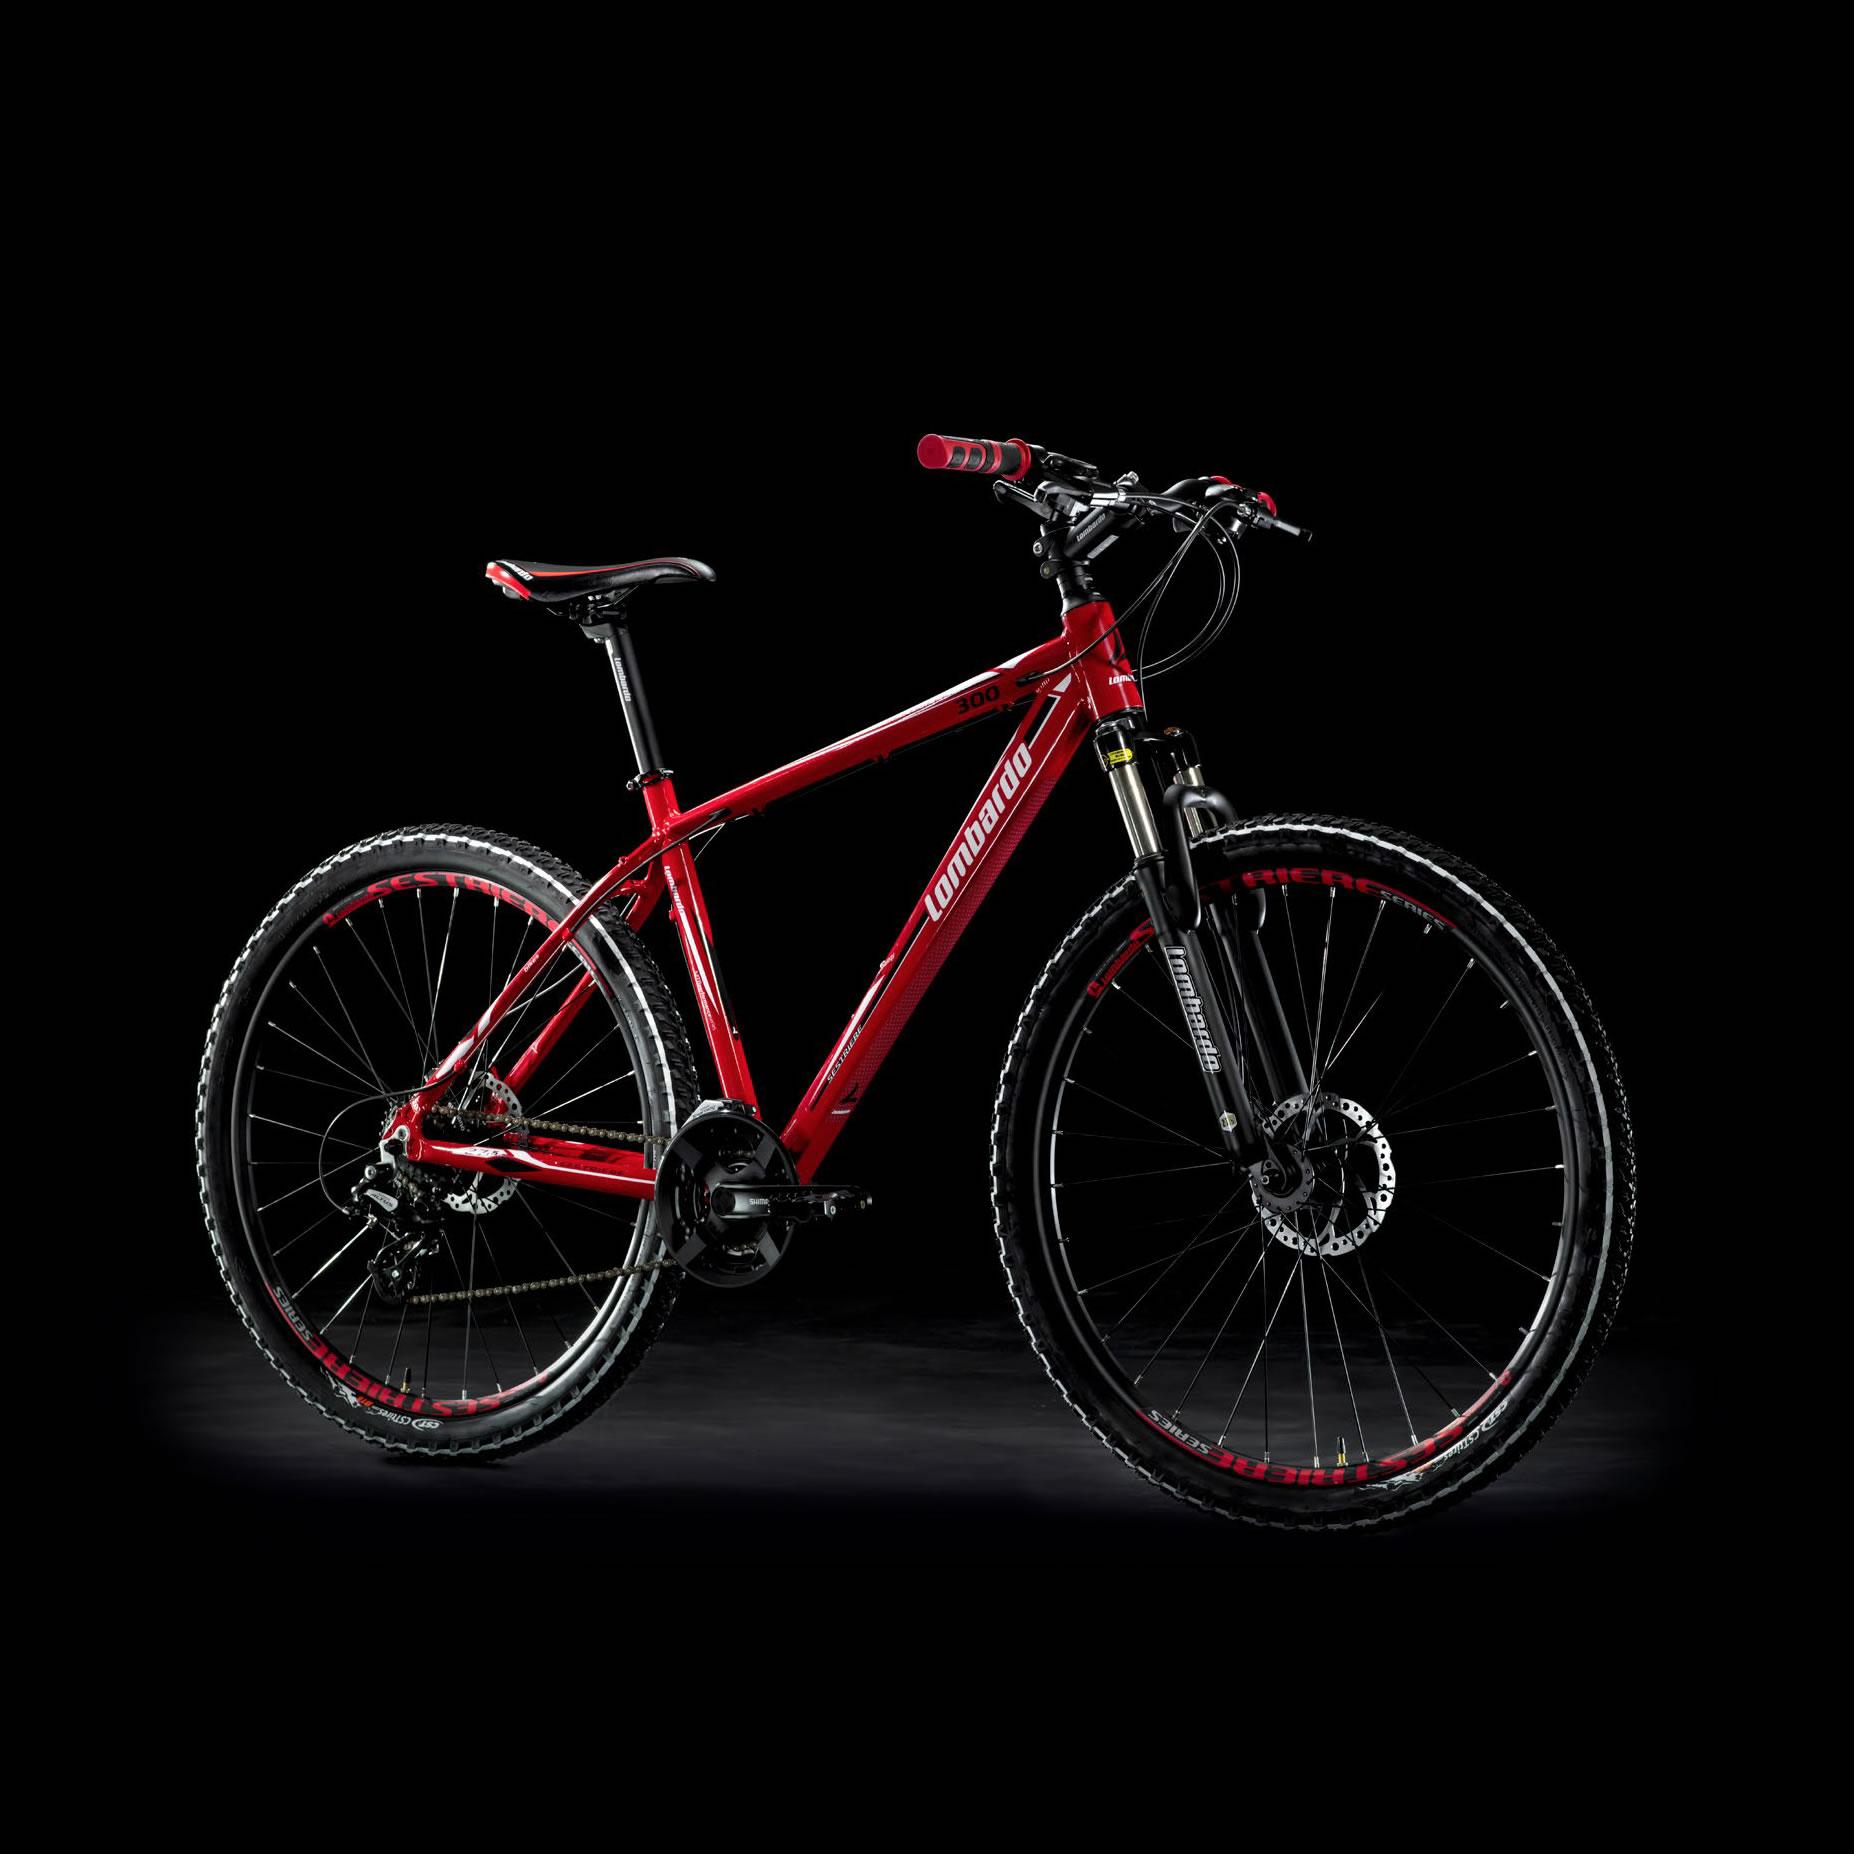 Sestriere 300 29 Rosso Bianco Mountain Bike - Lombardo Bikes 2018(Anche in comode rate)